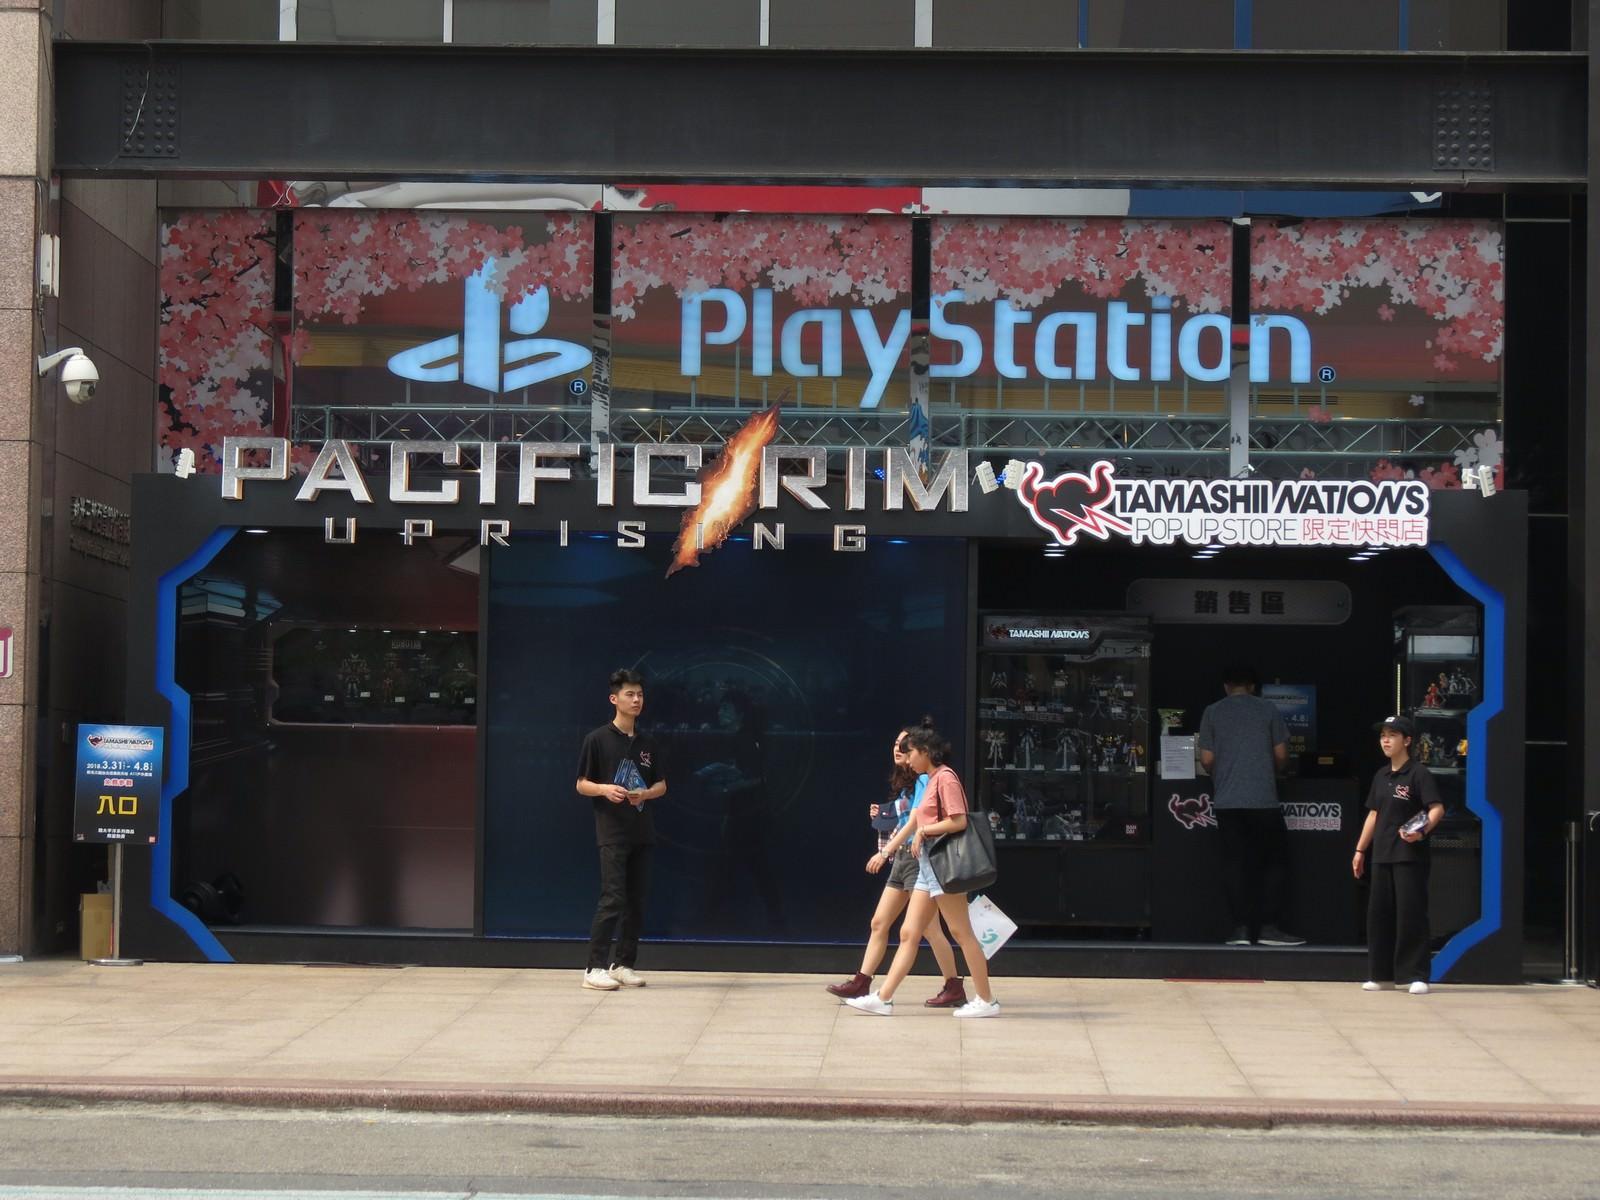 Movie, Pacific Rim: Uprising(美國) / 環太平洋2:起義時刻(台) / 环太平洋:雷霆再起(中) / 悍戰太平洋2:起義時空(港), 周邊商品, 萬代模型